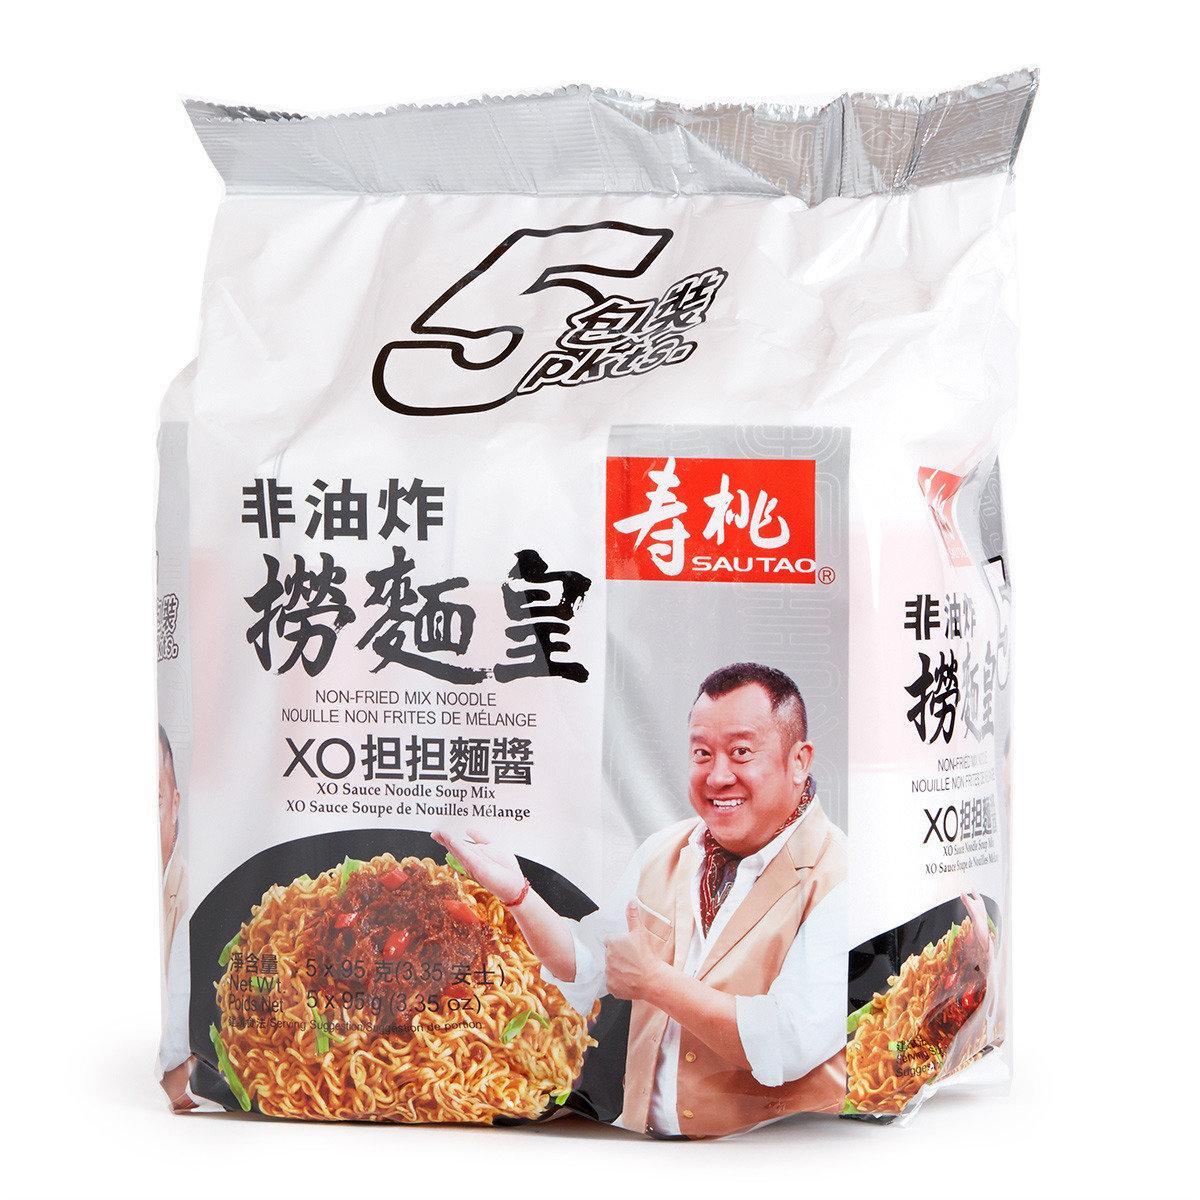 非油炸撈麵皇 (XO擔擔麵醬)